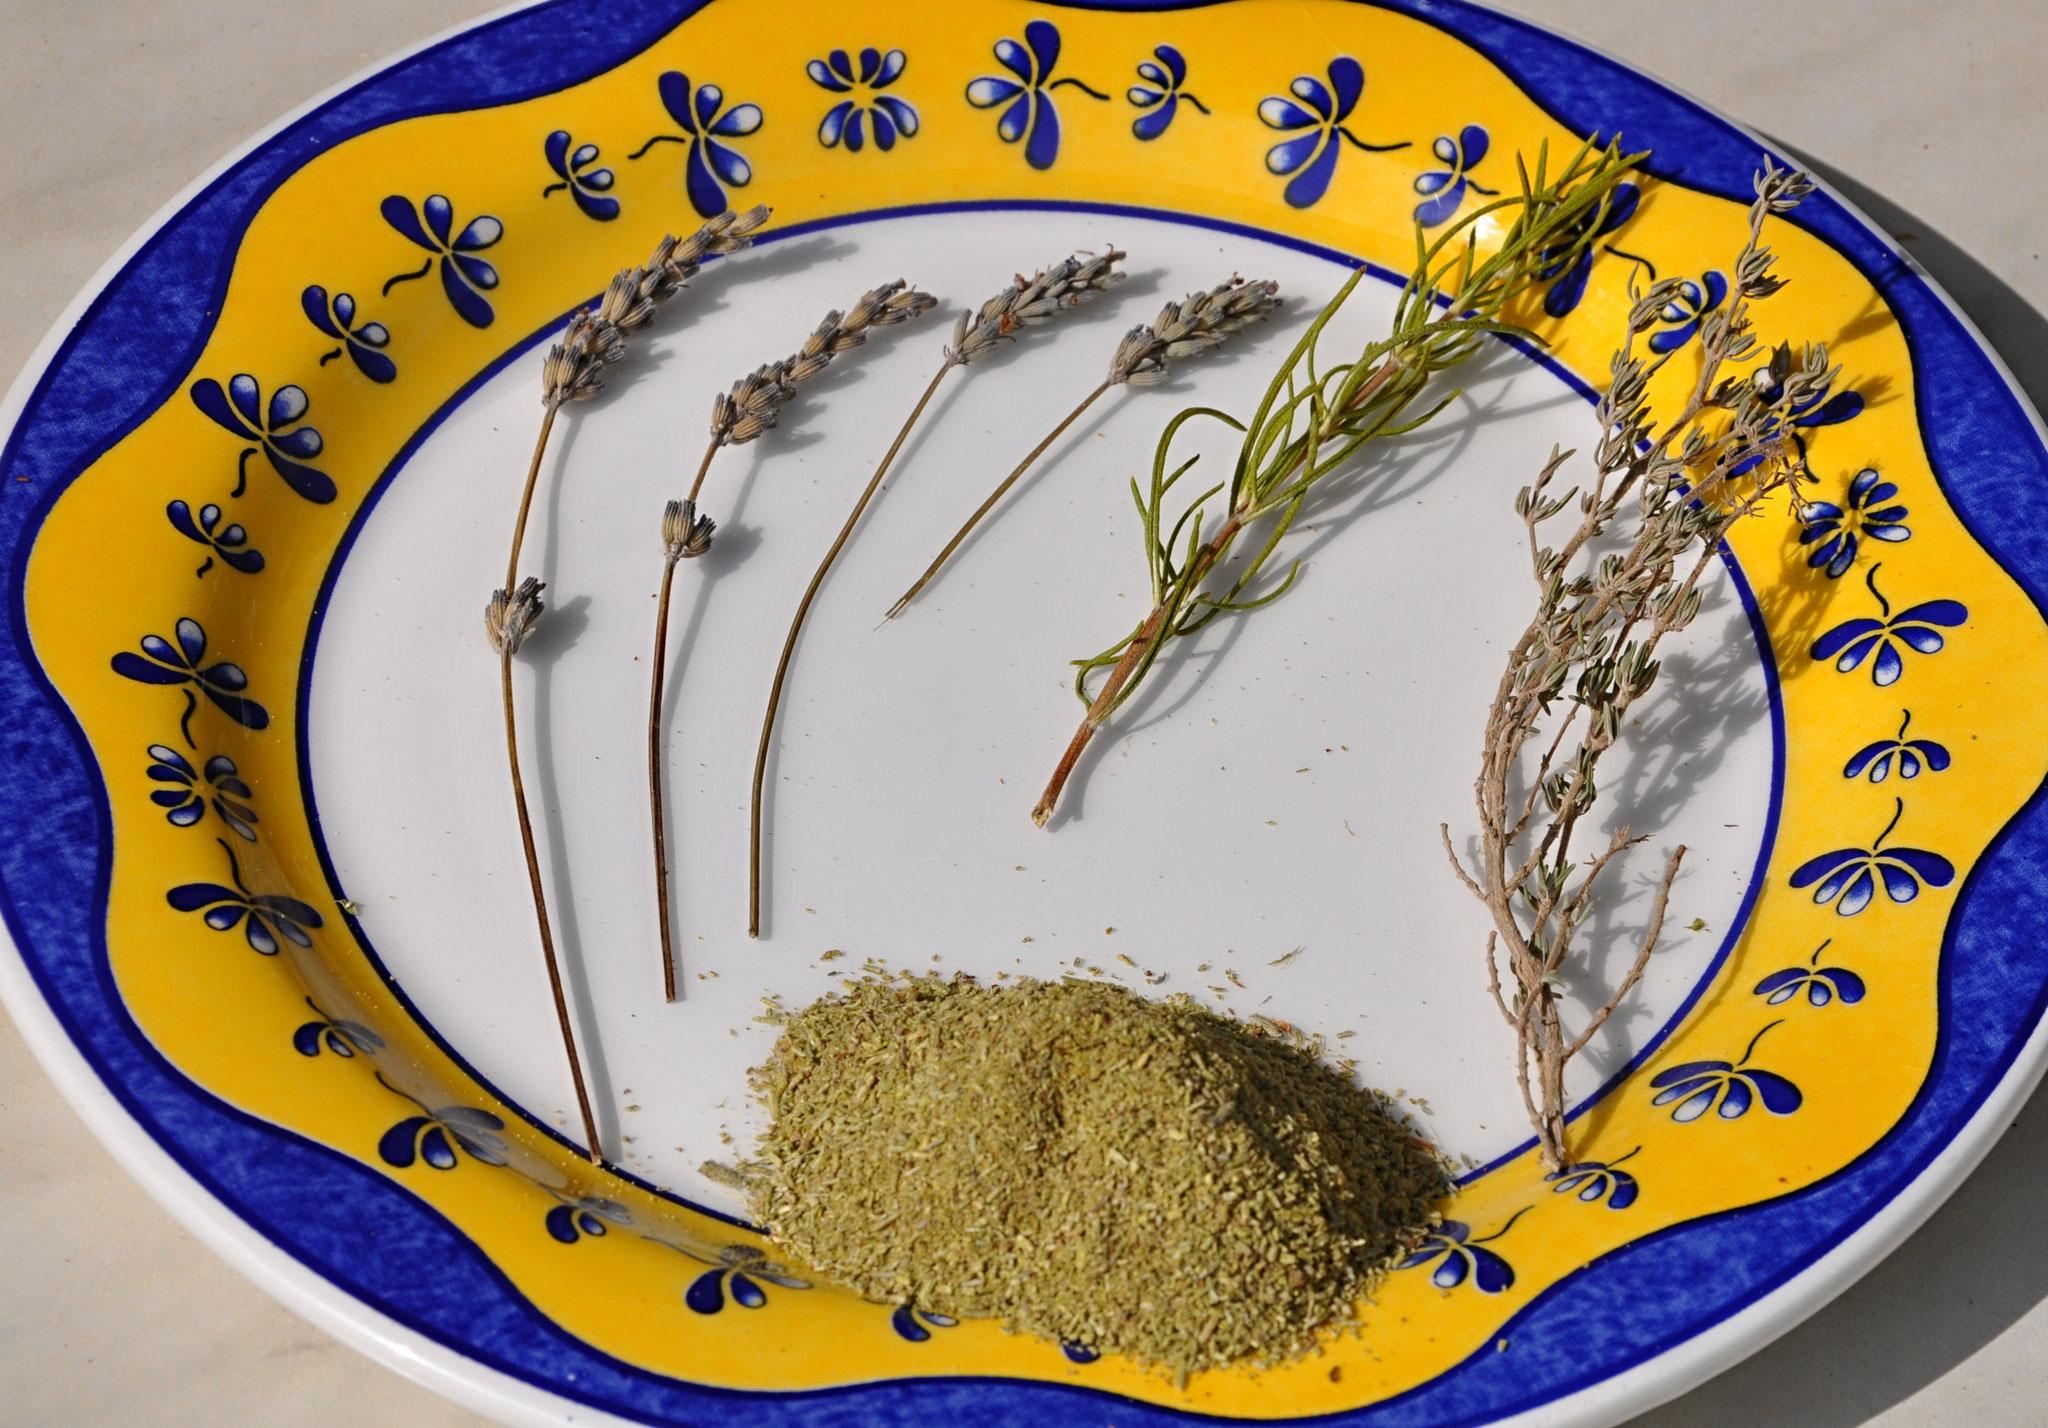 Les trois herbes aromatiques: lavande, romarin et thym.